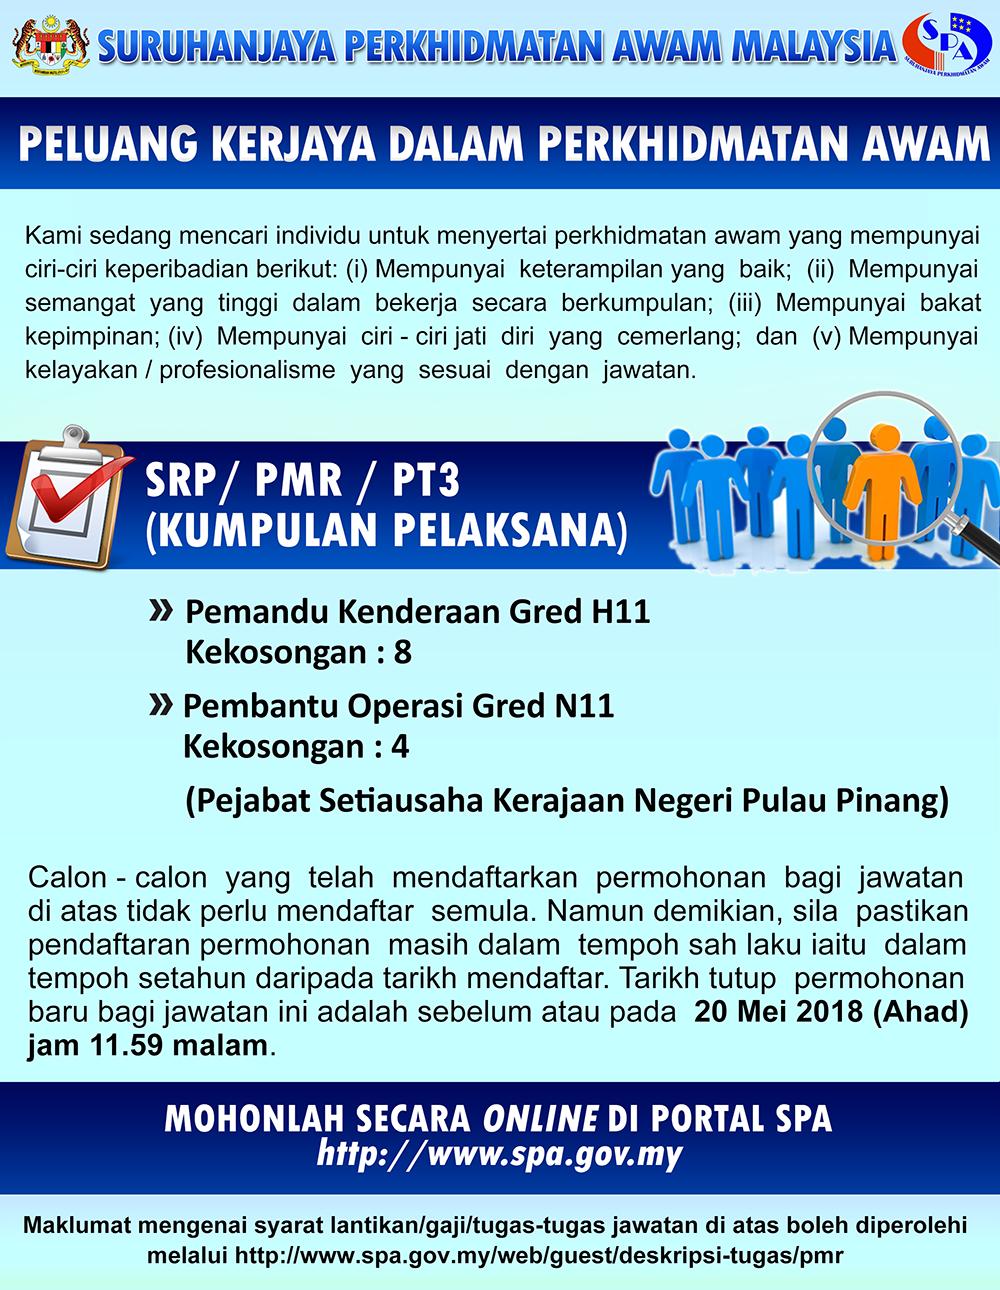 Jawatan Kosong Di Suk Pulau Pinang Kumpulan Pelaksana Srp Pmr Pt3 Jobcari Com Jawatan Kosong Terkini